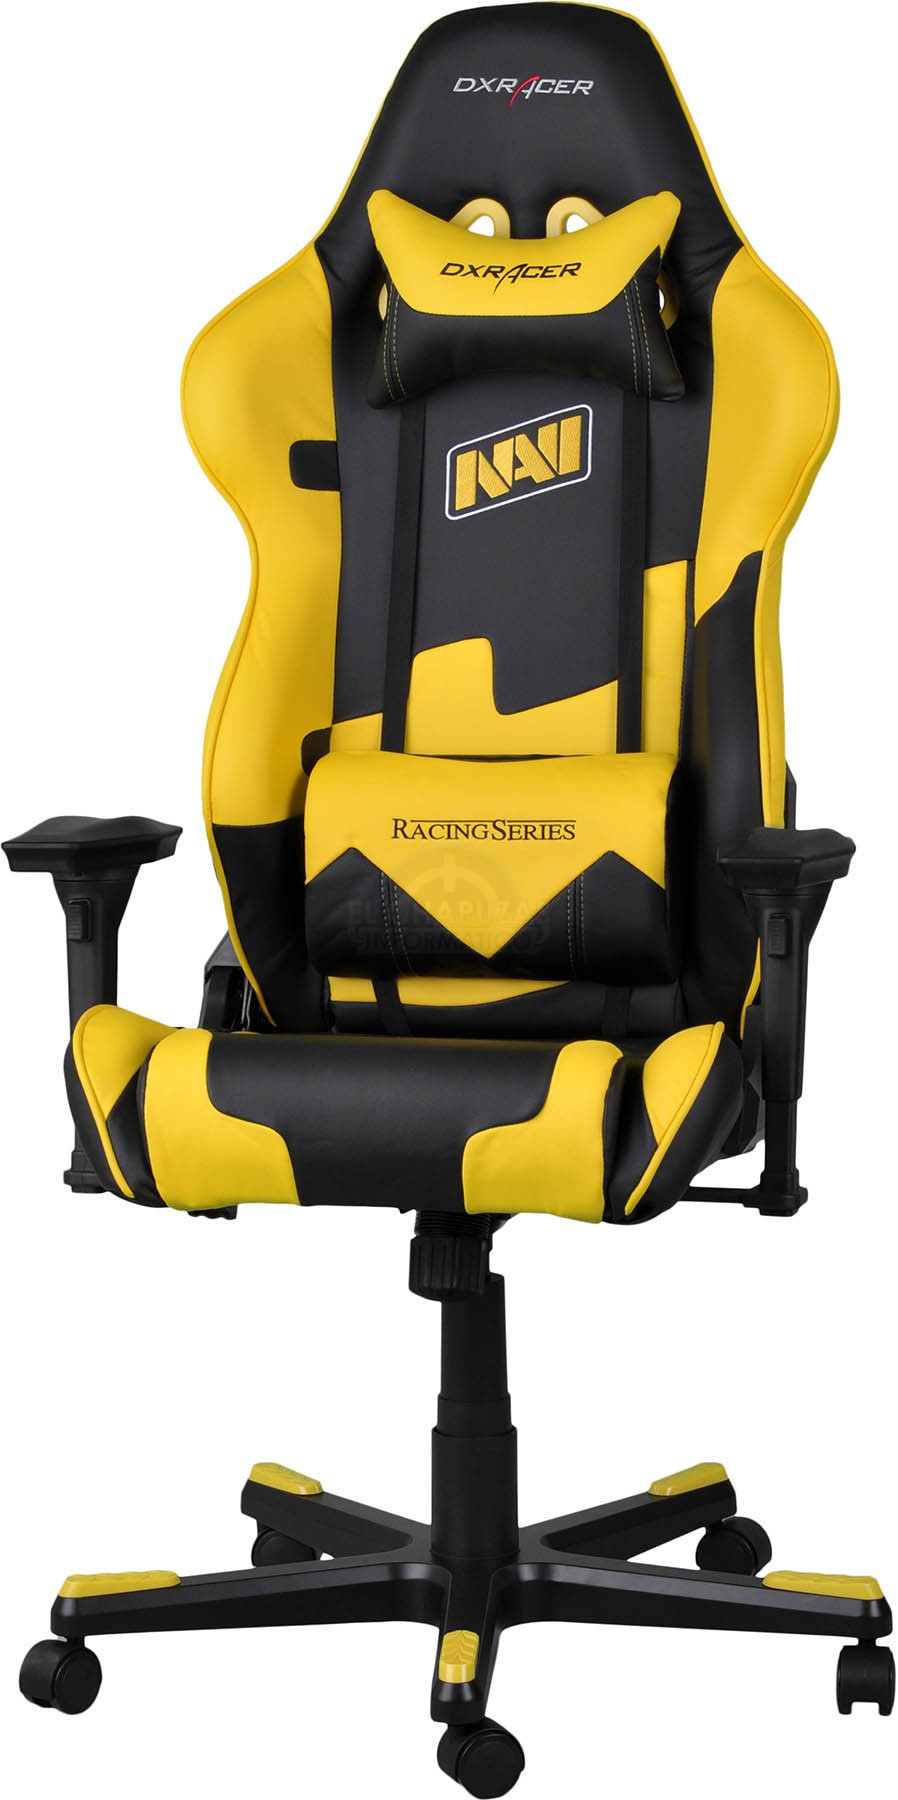 Dxracer lanza sus nuevas sillas gaming 29 modelos en for Precio de silla gamer